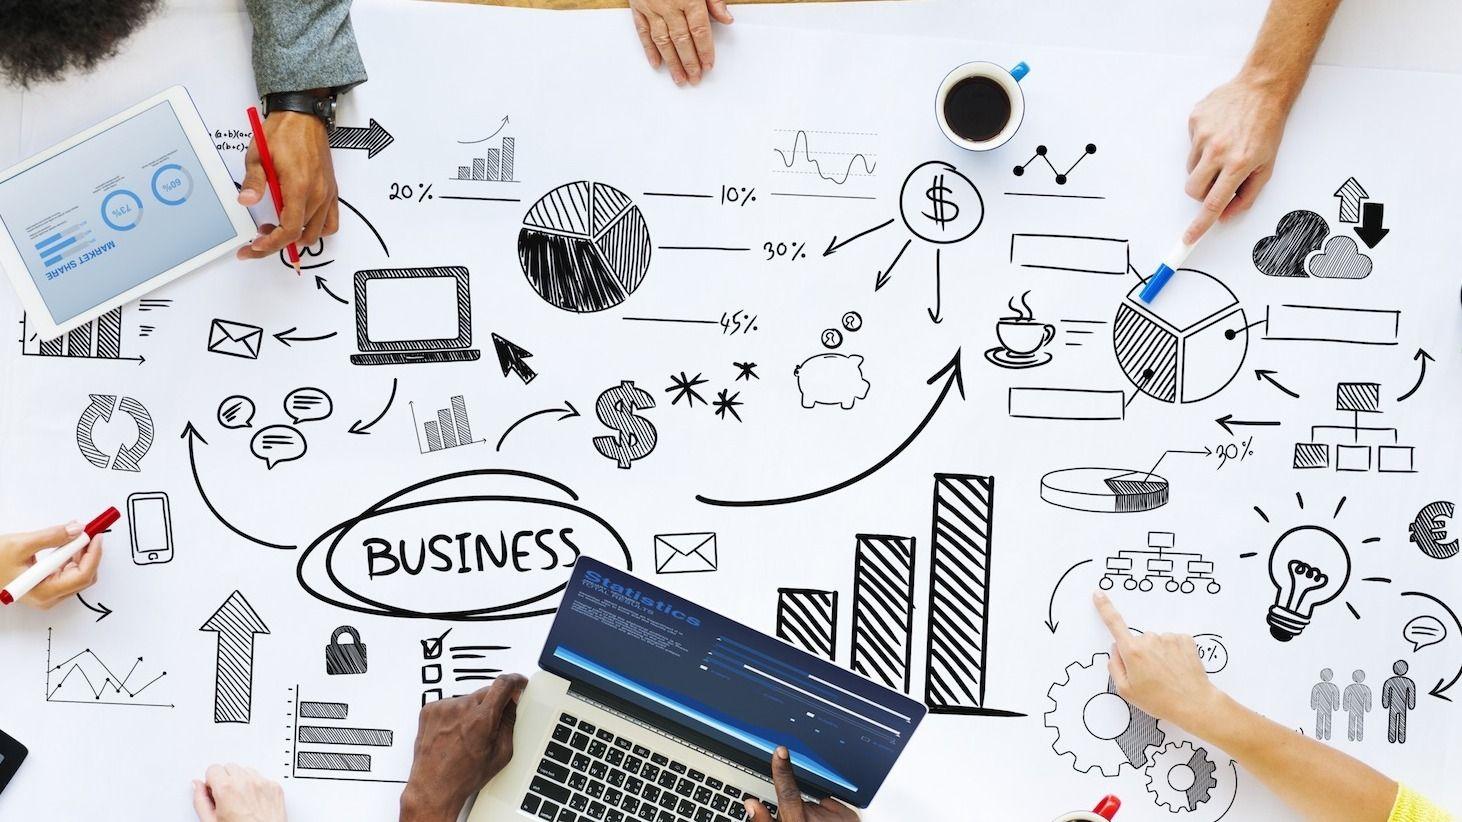 پکیج جامع صفر تا صد کسب و کار (تمامی محصولات)